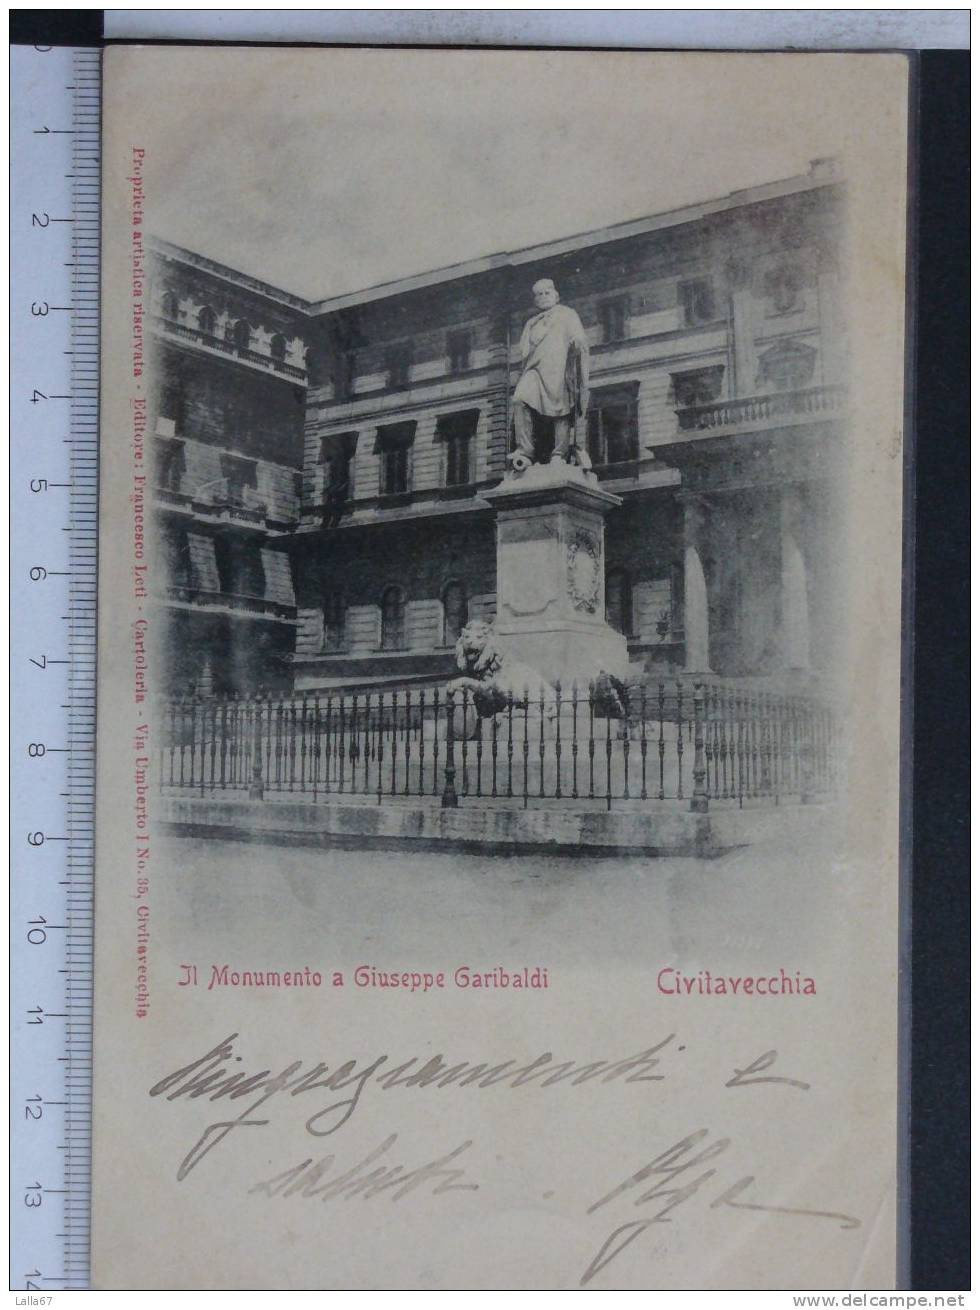 CIVITAVECCHIA -MONUMENTO A GARIBALDI N. 4013 - Storia